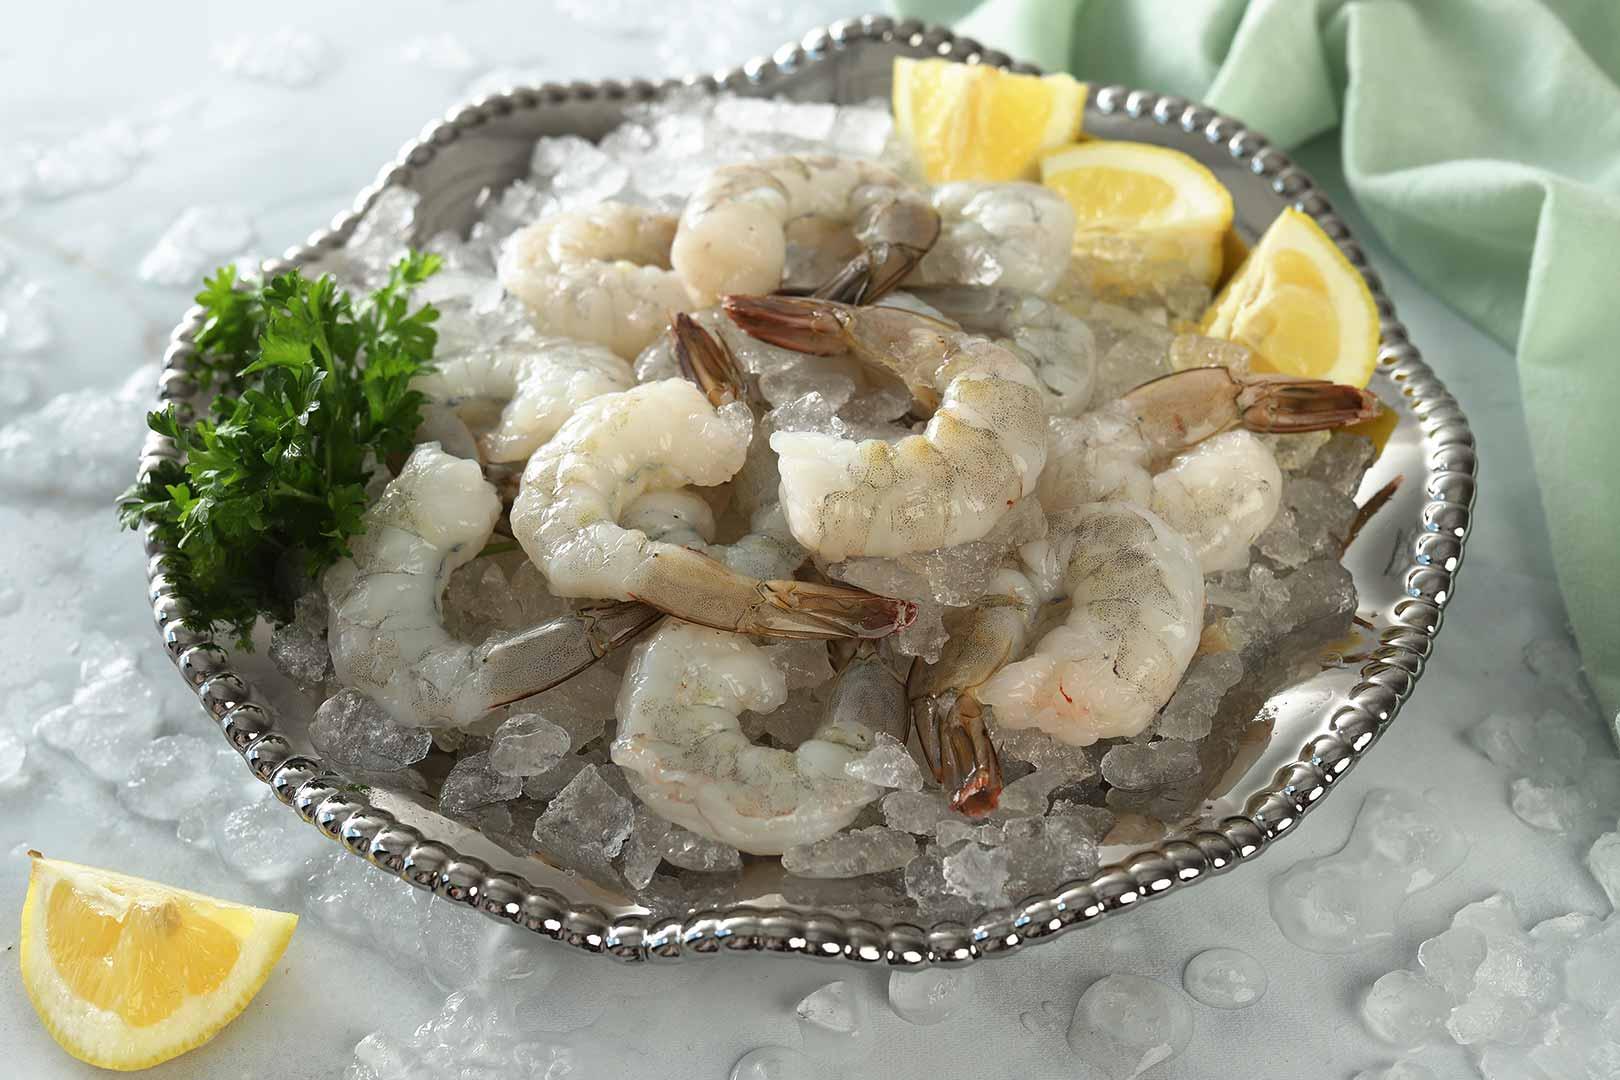 Raw Shrimp 16-20 Count